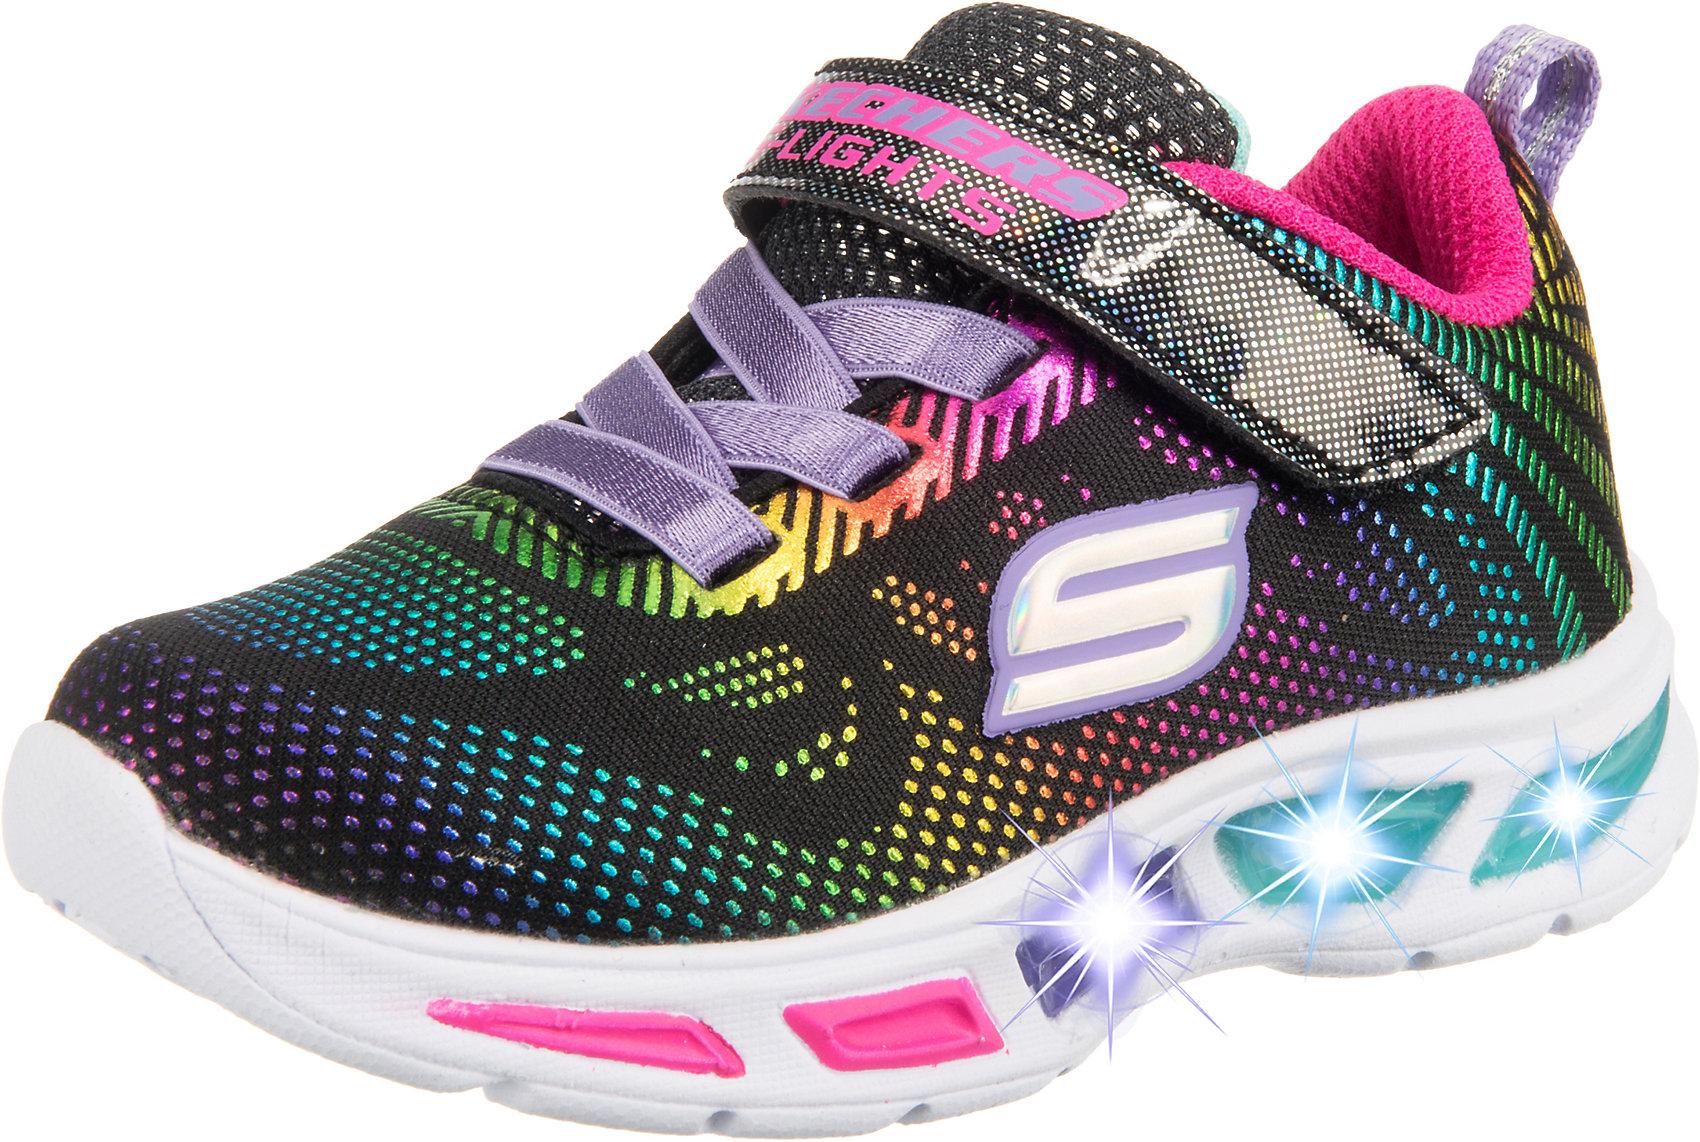 Details zu Neu SKECHERS Sneakers Low Blinkies LITEBEAMS GLEAM N' DREAM für Mädchen 10321544